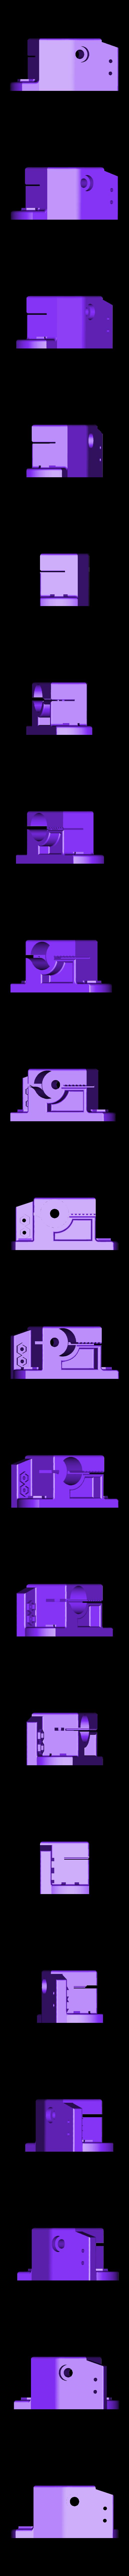 ADJCarriageRevision3.stl Télécharger fichier STL gratuit Chariot à tension réglable (Max Micron et autres Prusa i3) • Design pour imprimante 3D, Thomllama